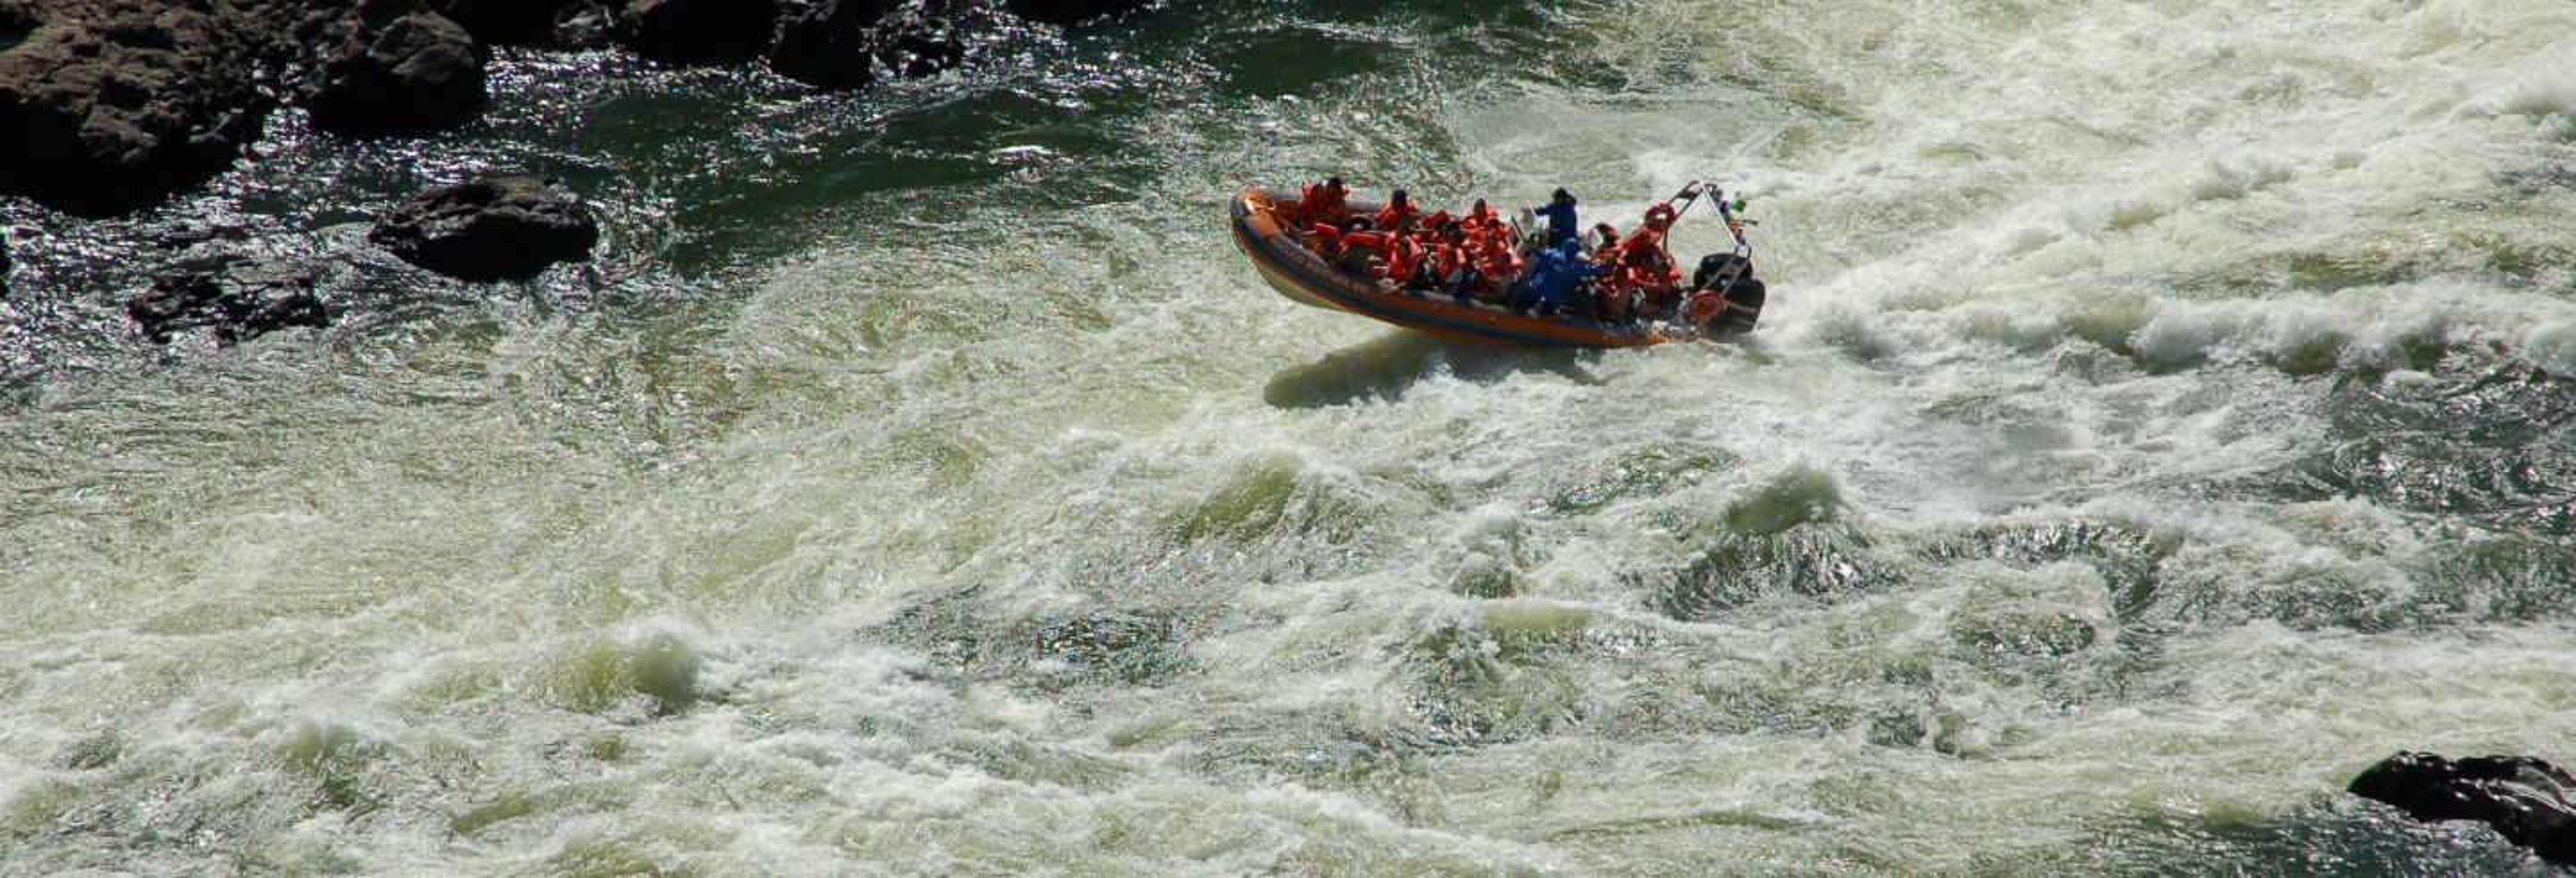 Parque de aventura Macuco Safari + Rafting